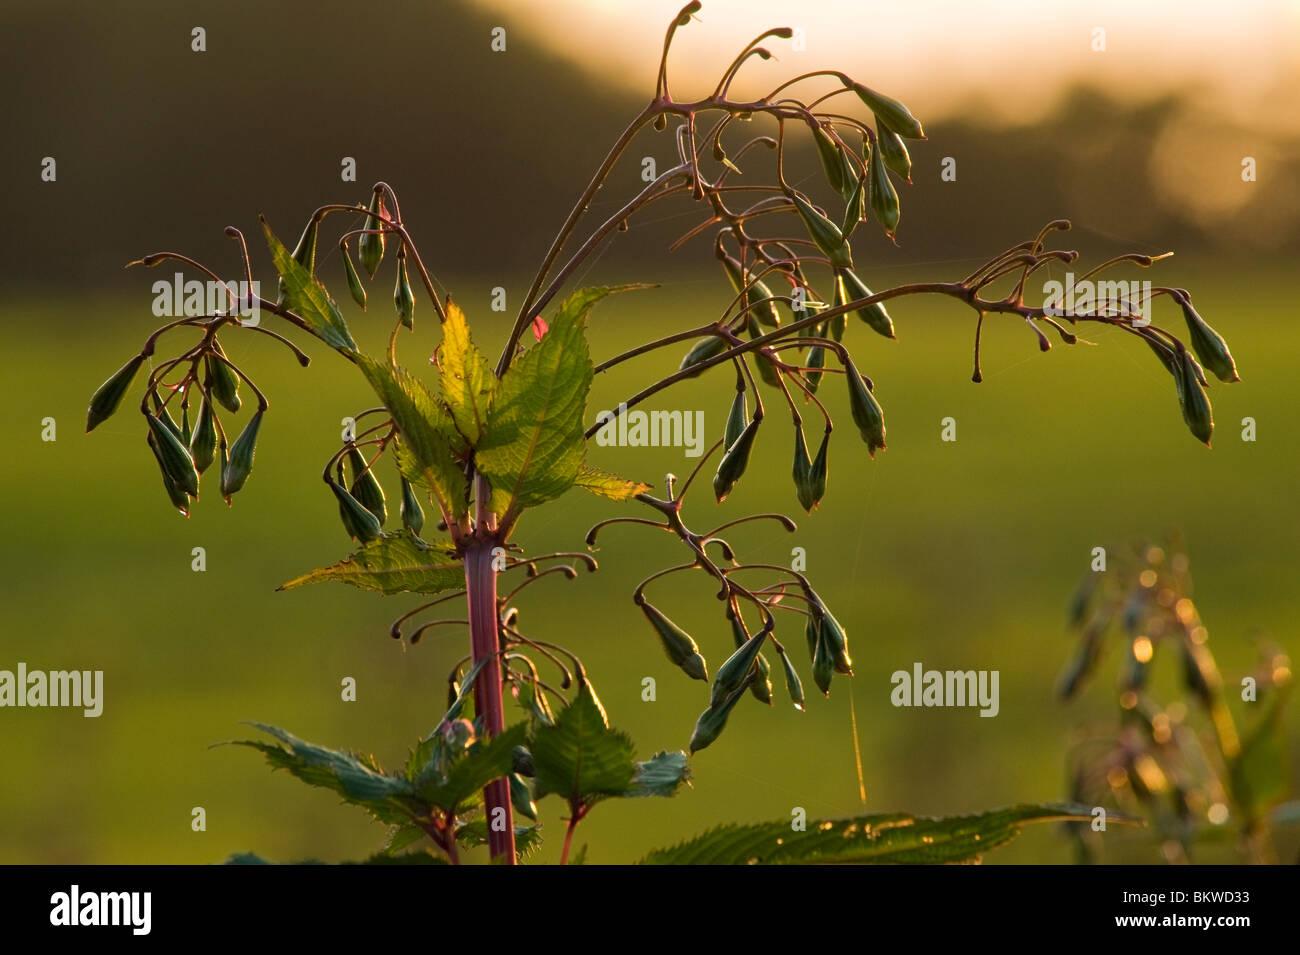 Les gousses de graines de balsamine de l'Himalaya (Impatiens glandulifera) près de Garstang, Lancashire, Angleterre Banque D'Images